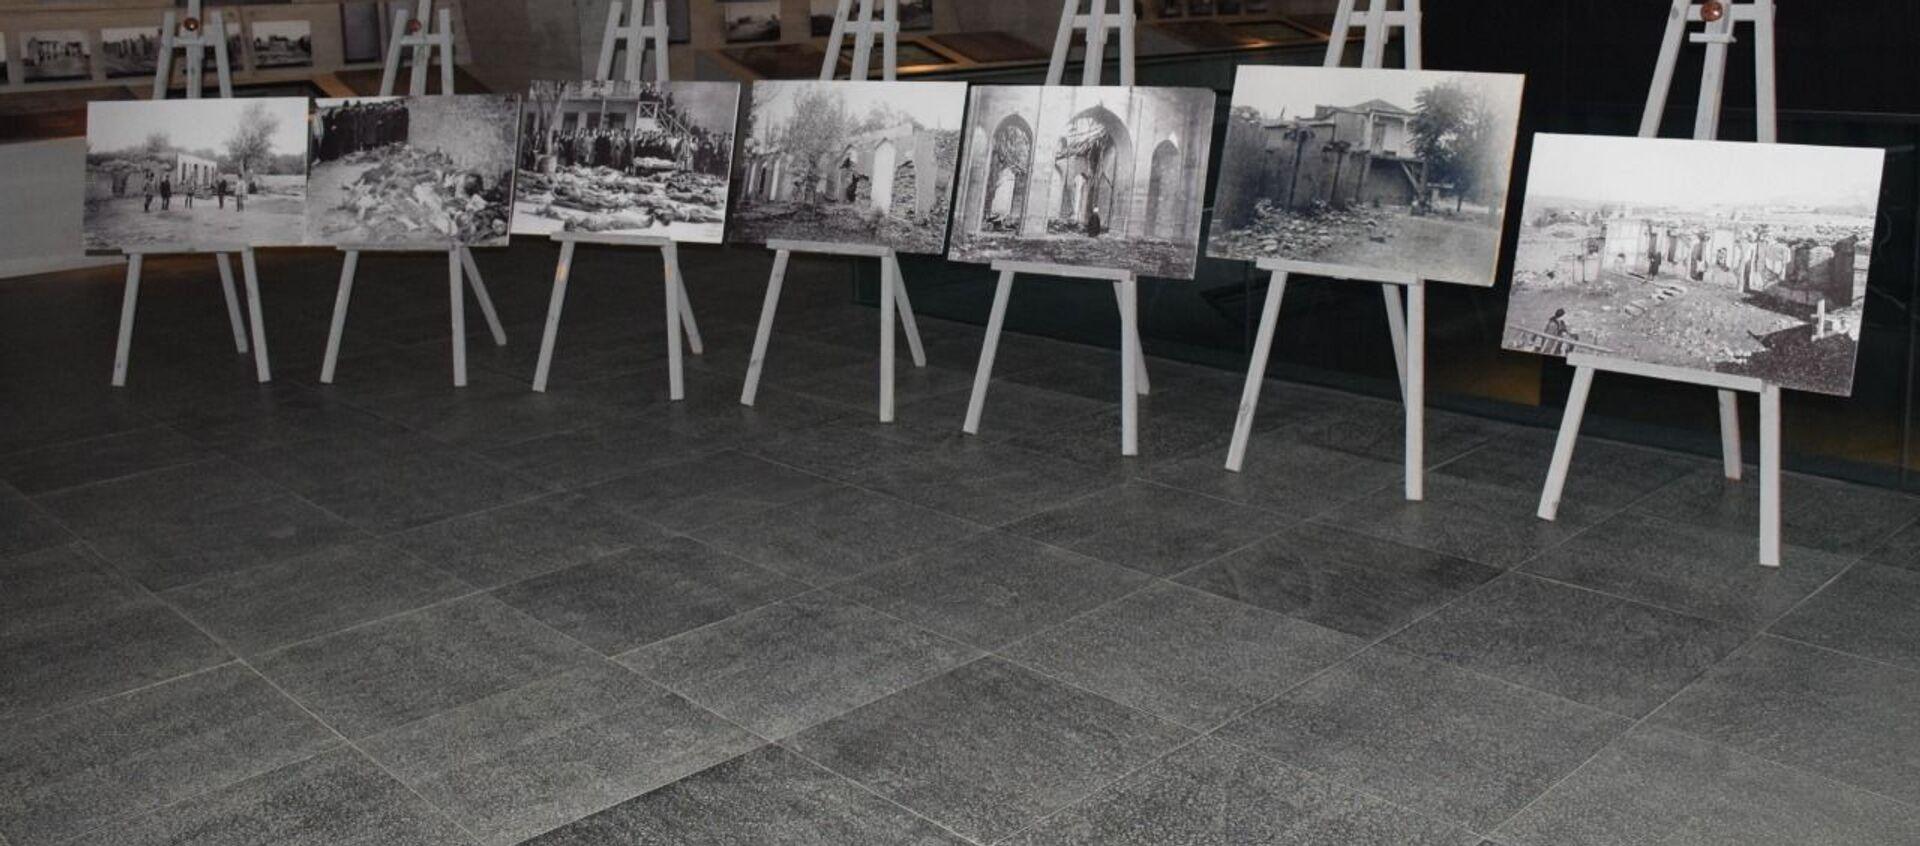 31 mart Azərbaycanlıların Soyqırımı Günü - Anım mərasimi - Sputnik Азербайджан, 1920, 31.03.2021